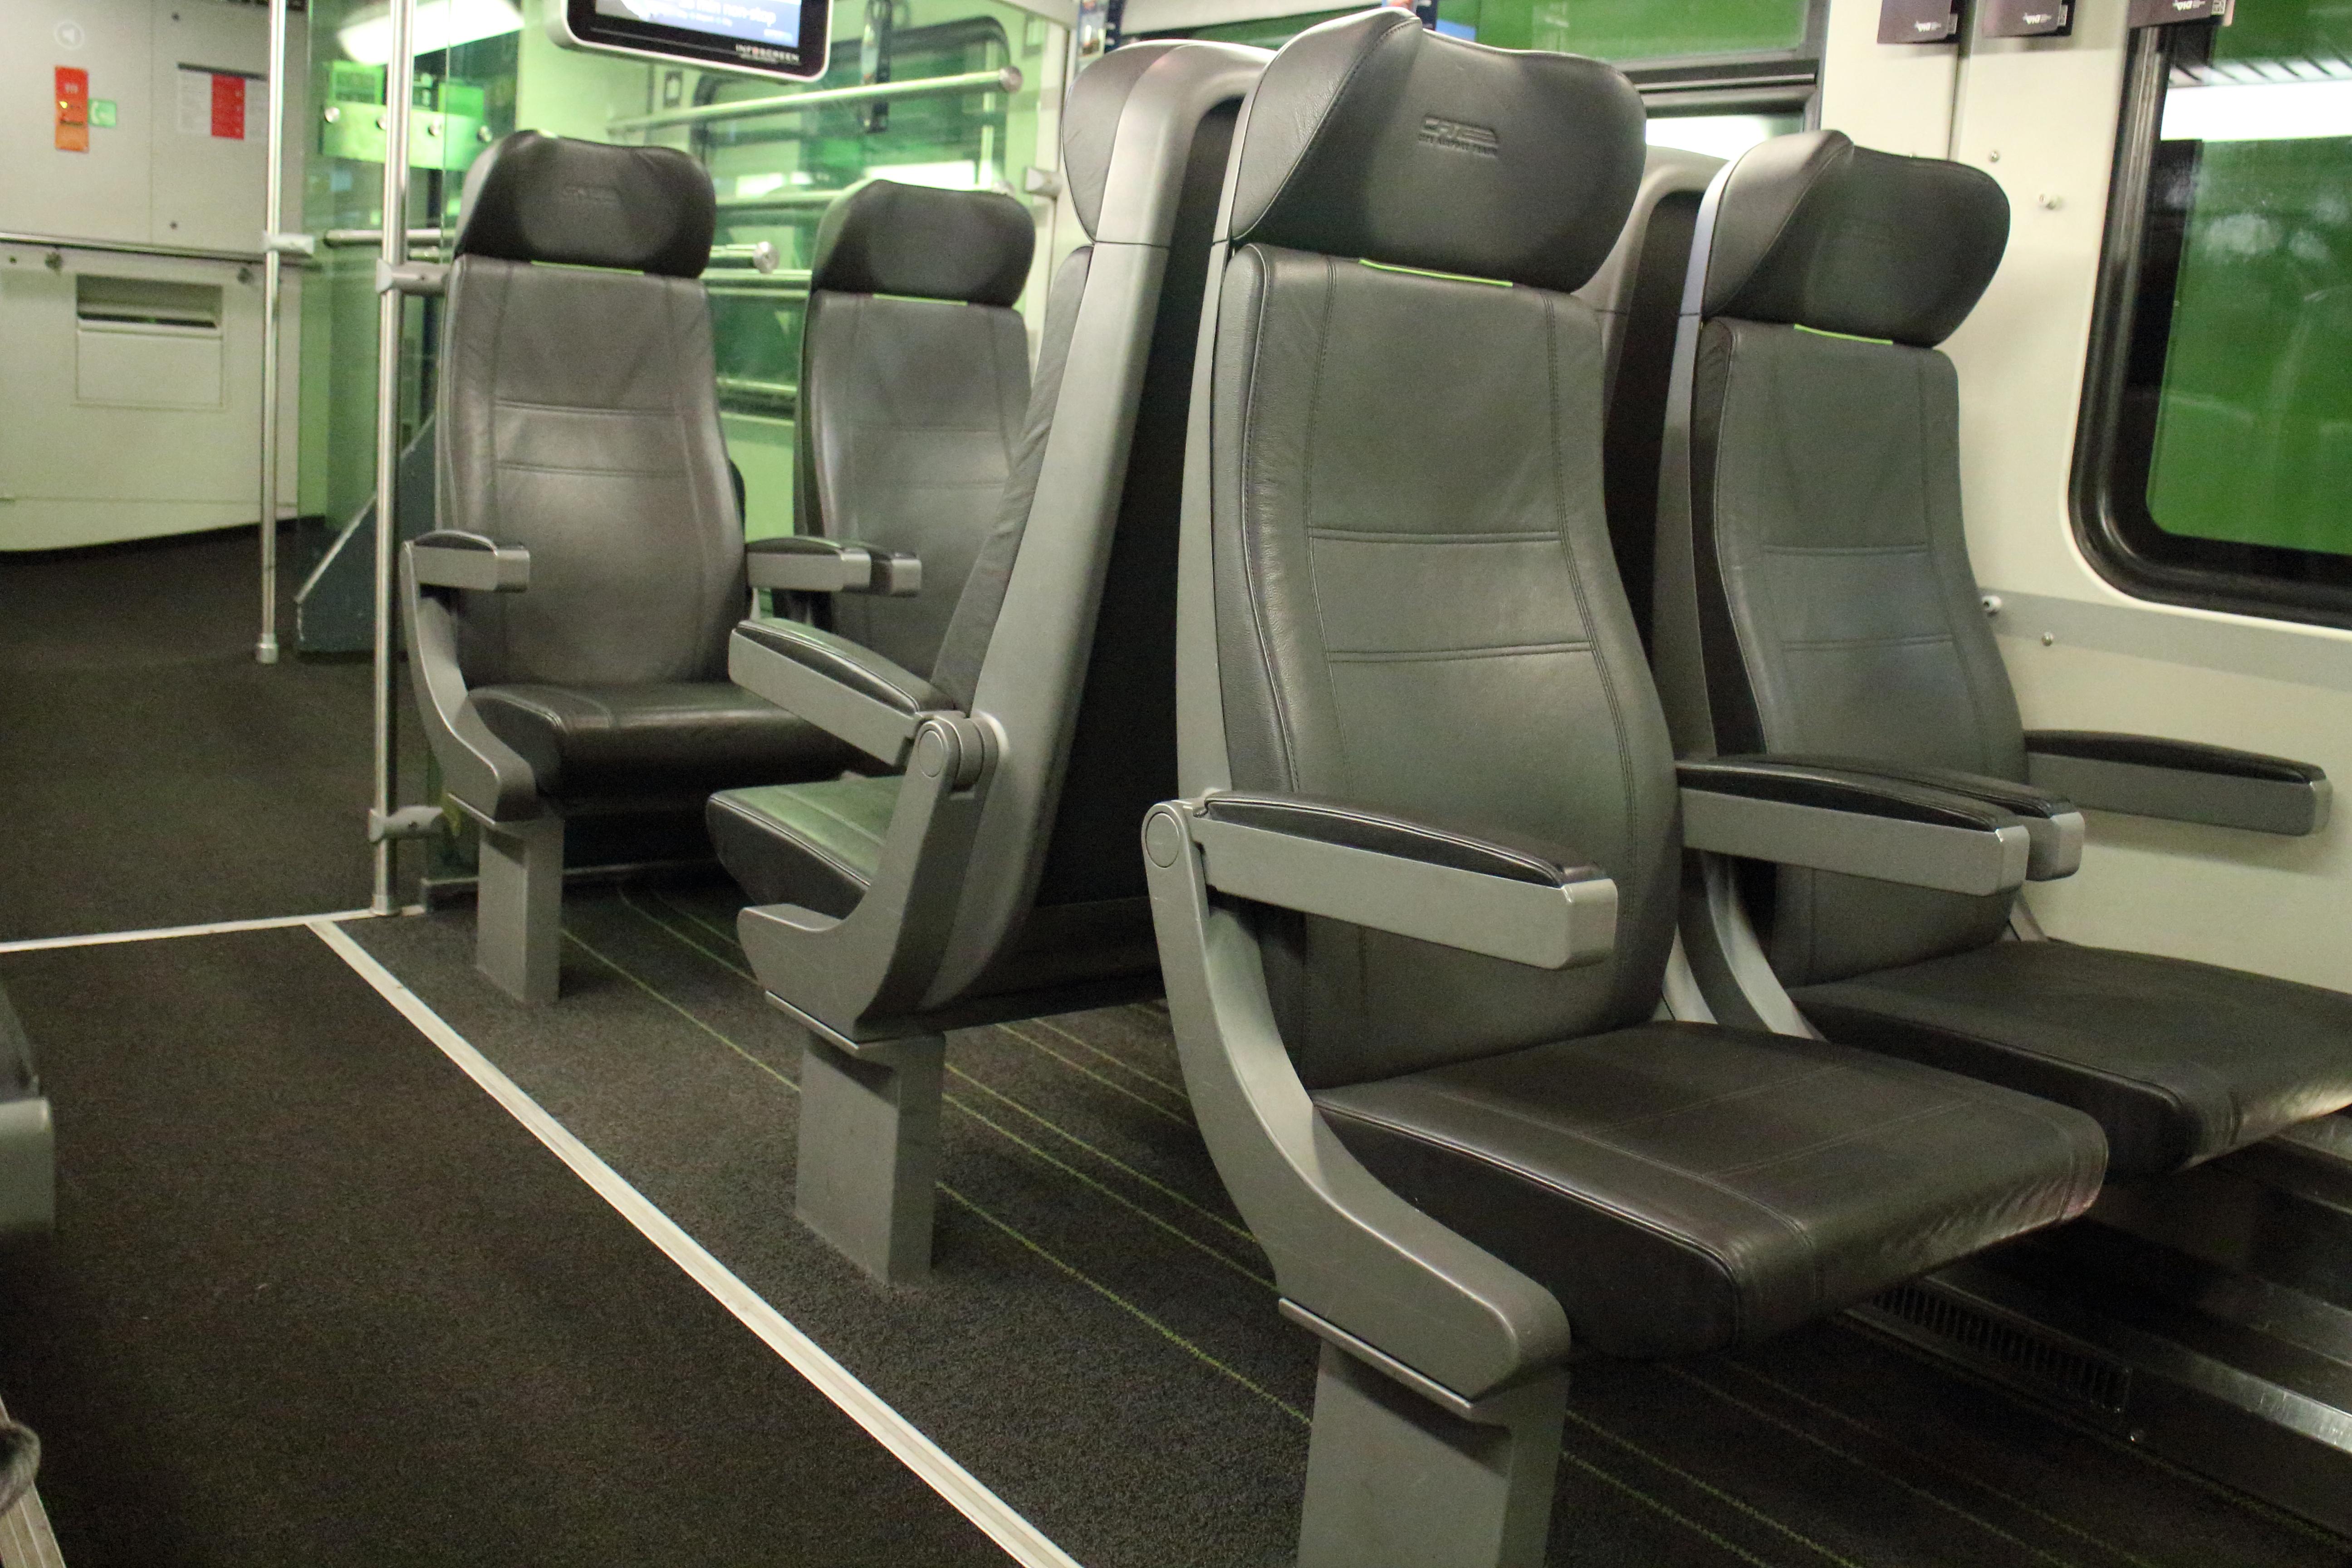 ウィーン市街から空港へ特急列車CATで移動。Wifiも使えるよ。